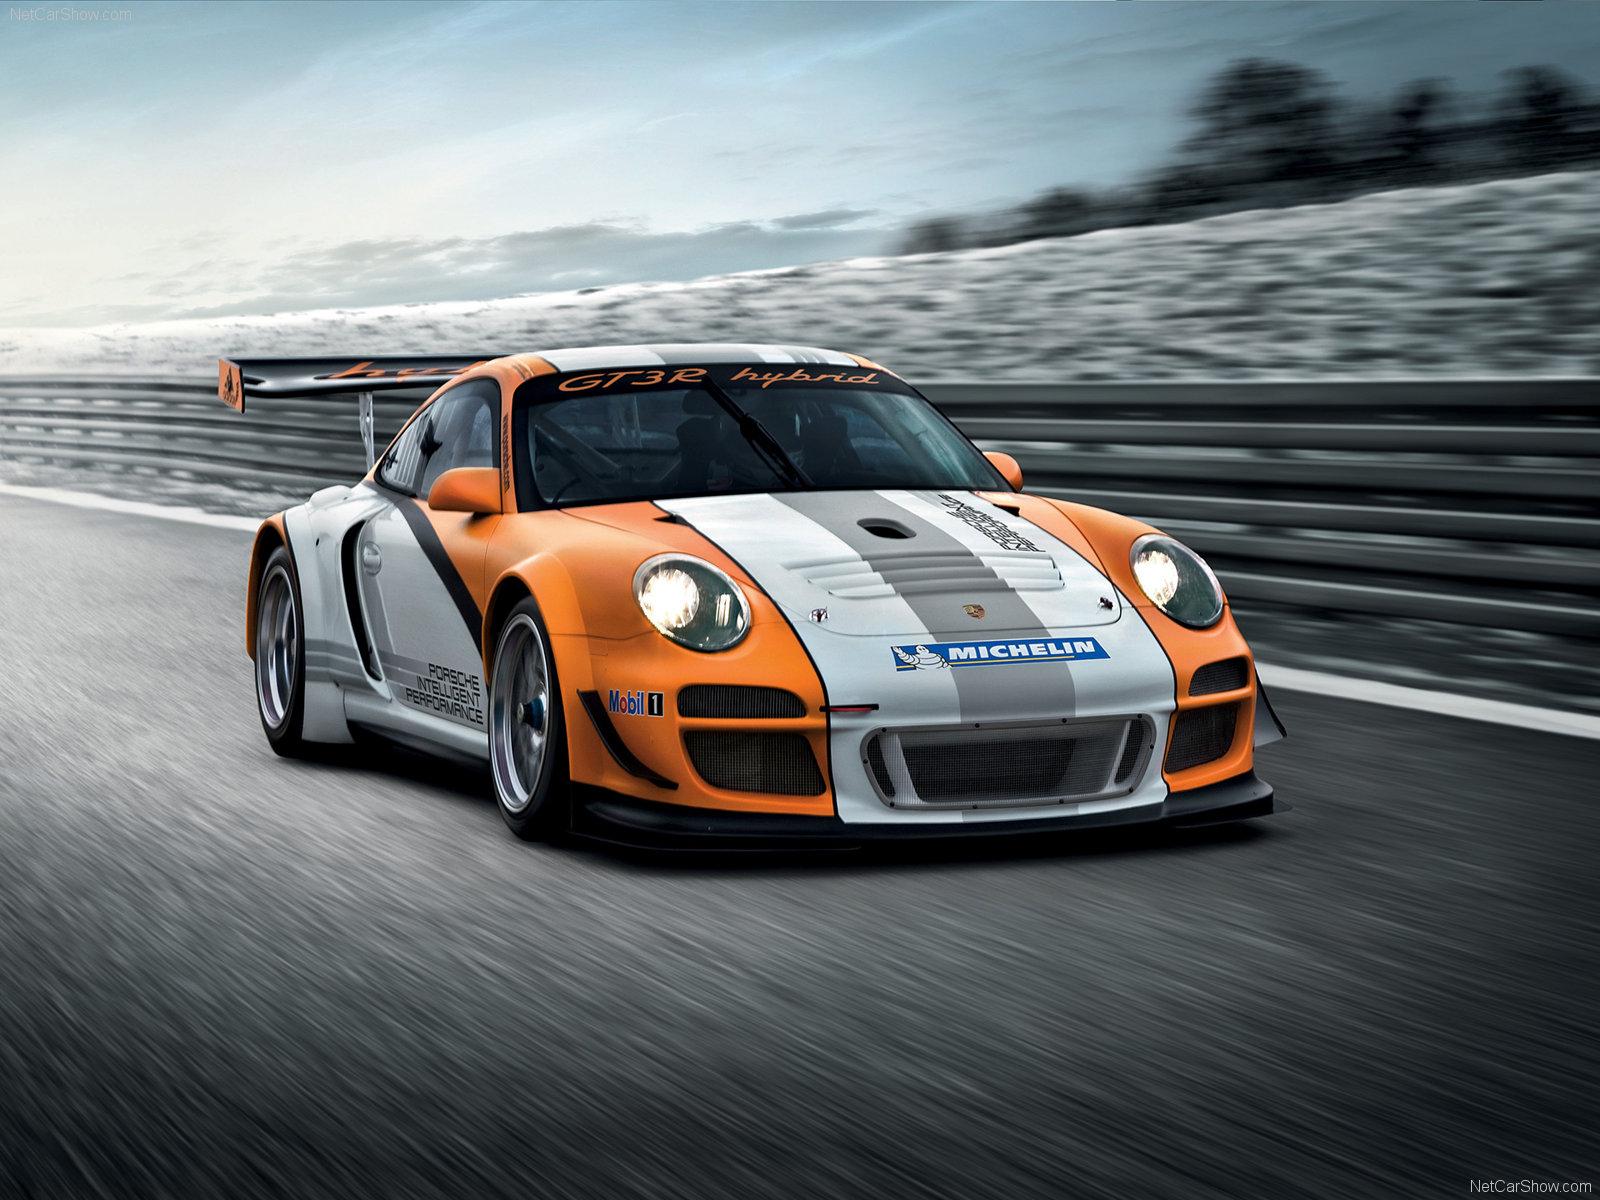 Porsche Spyder Wallpapers HD Wallpapers